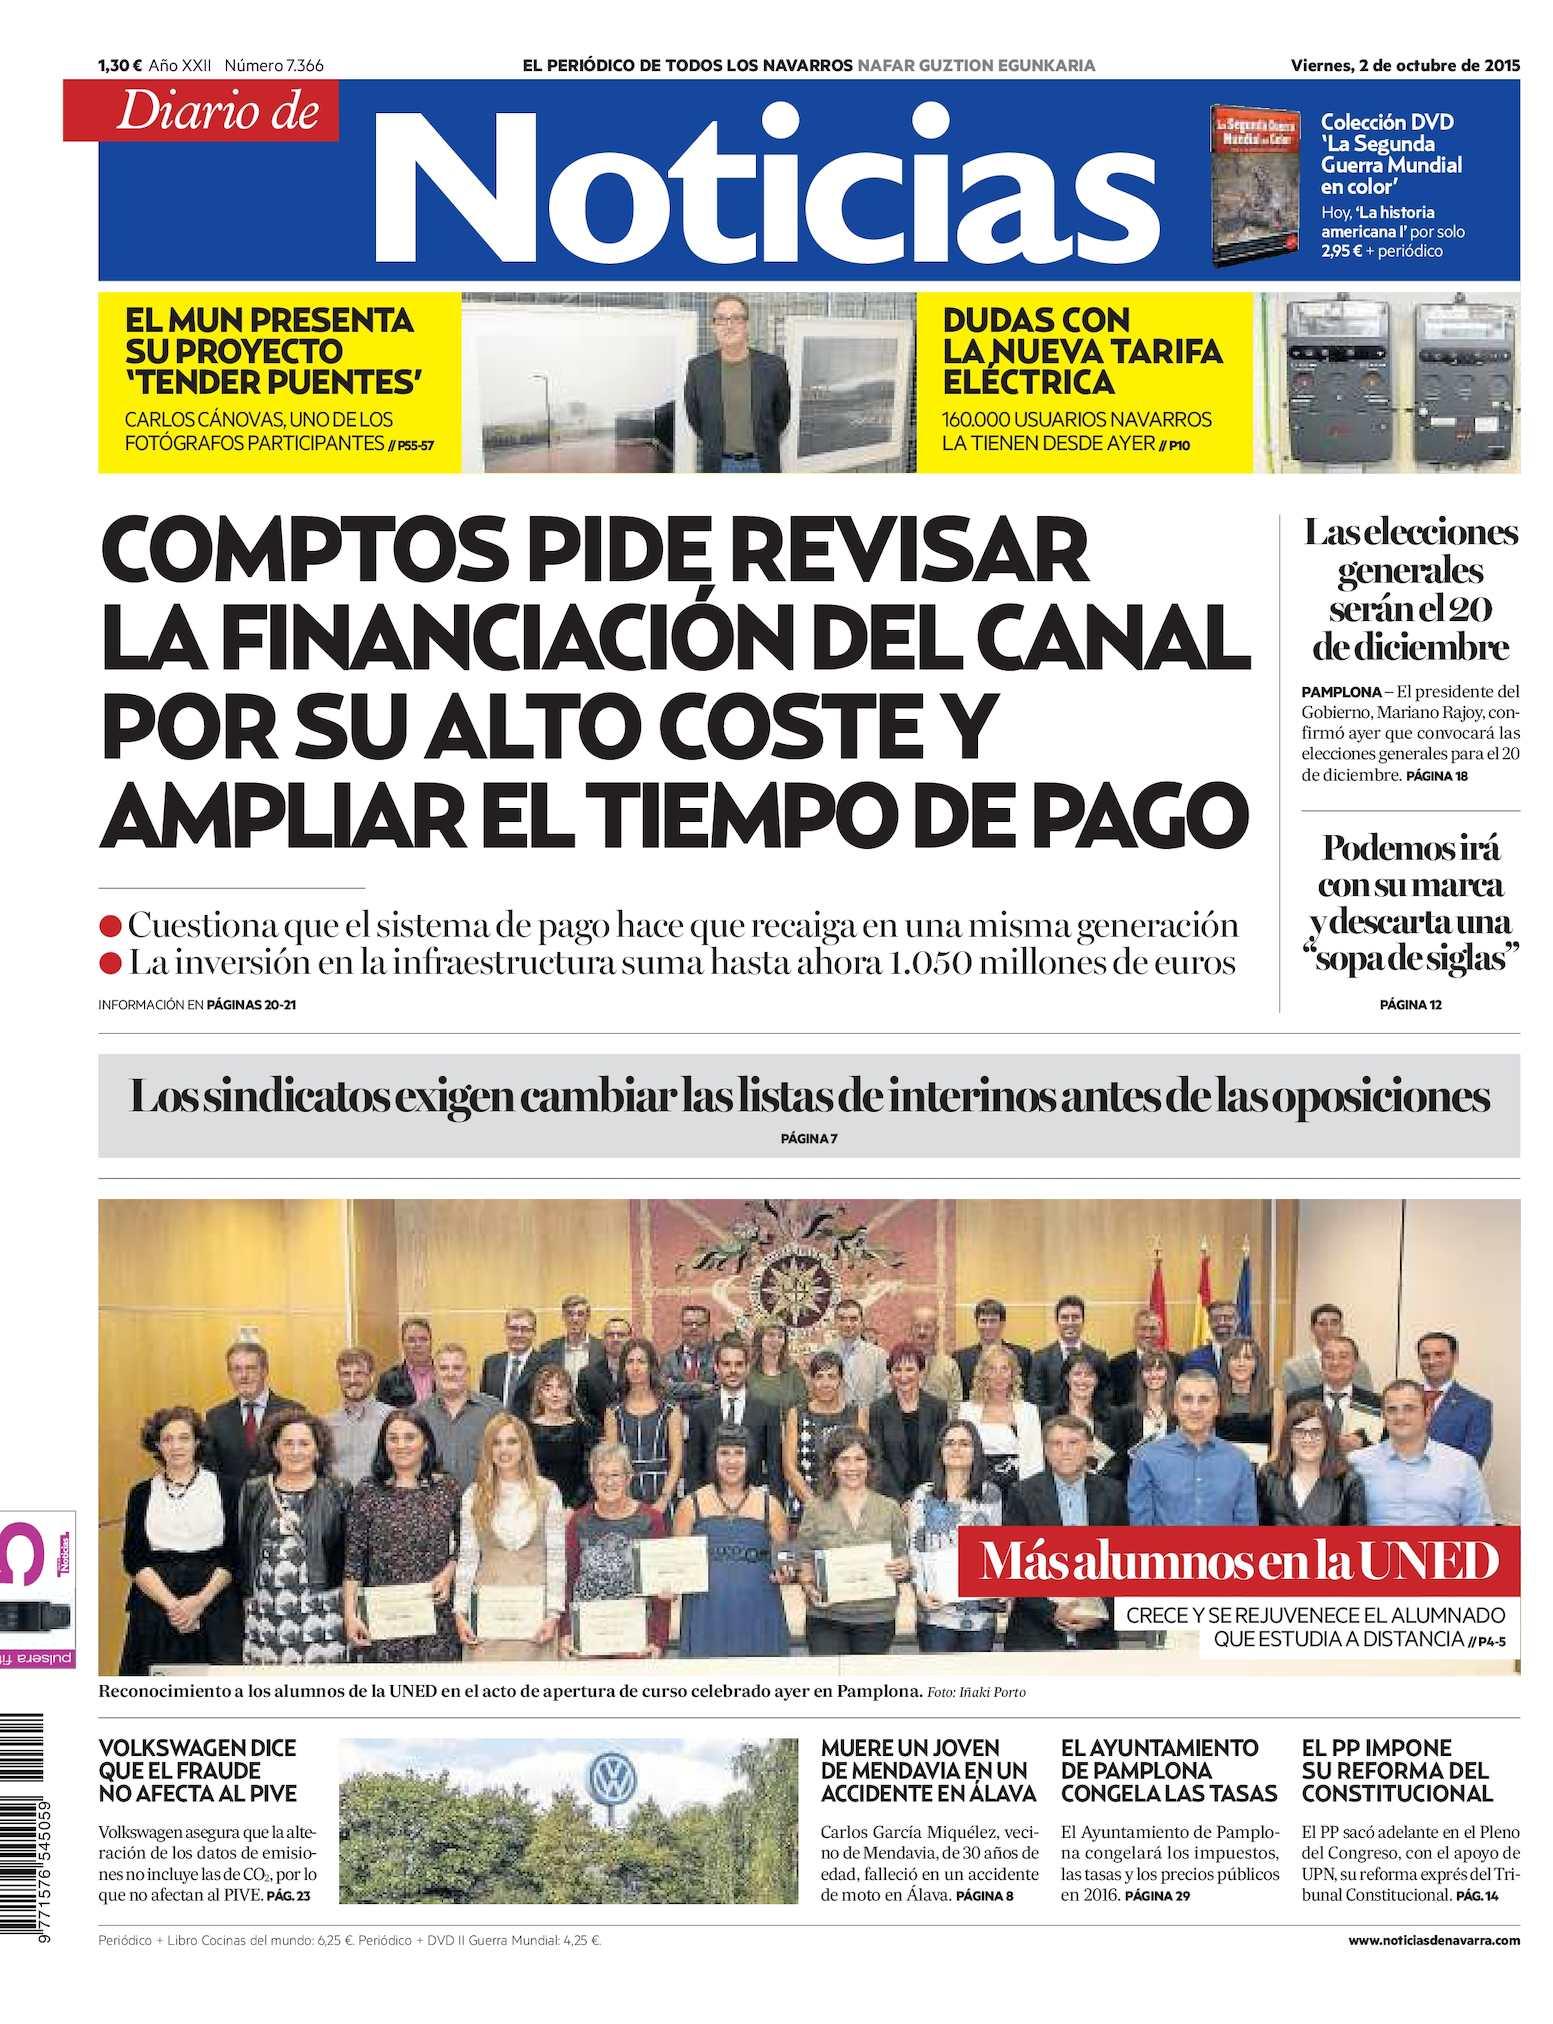 another chance 9470e 641a5 Calaméo - Diario de Noticias 20151002